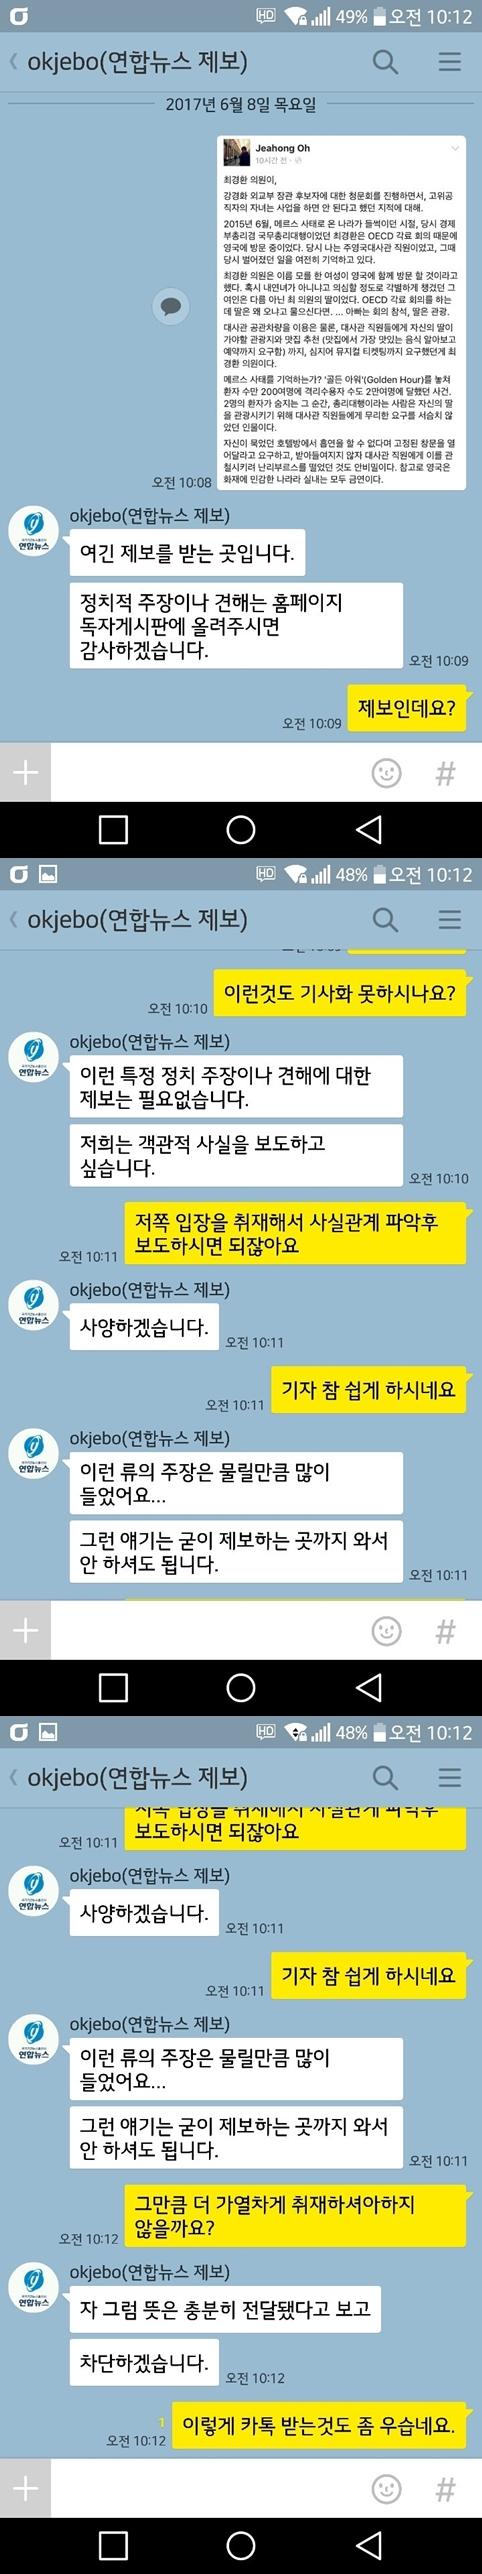 연합뉴스에 최경환 부총리 시절을 제보했더니...